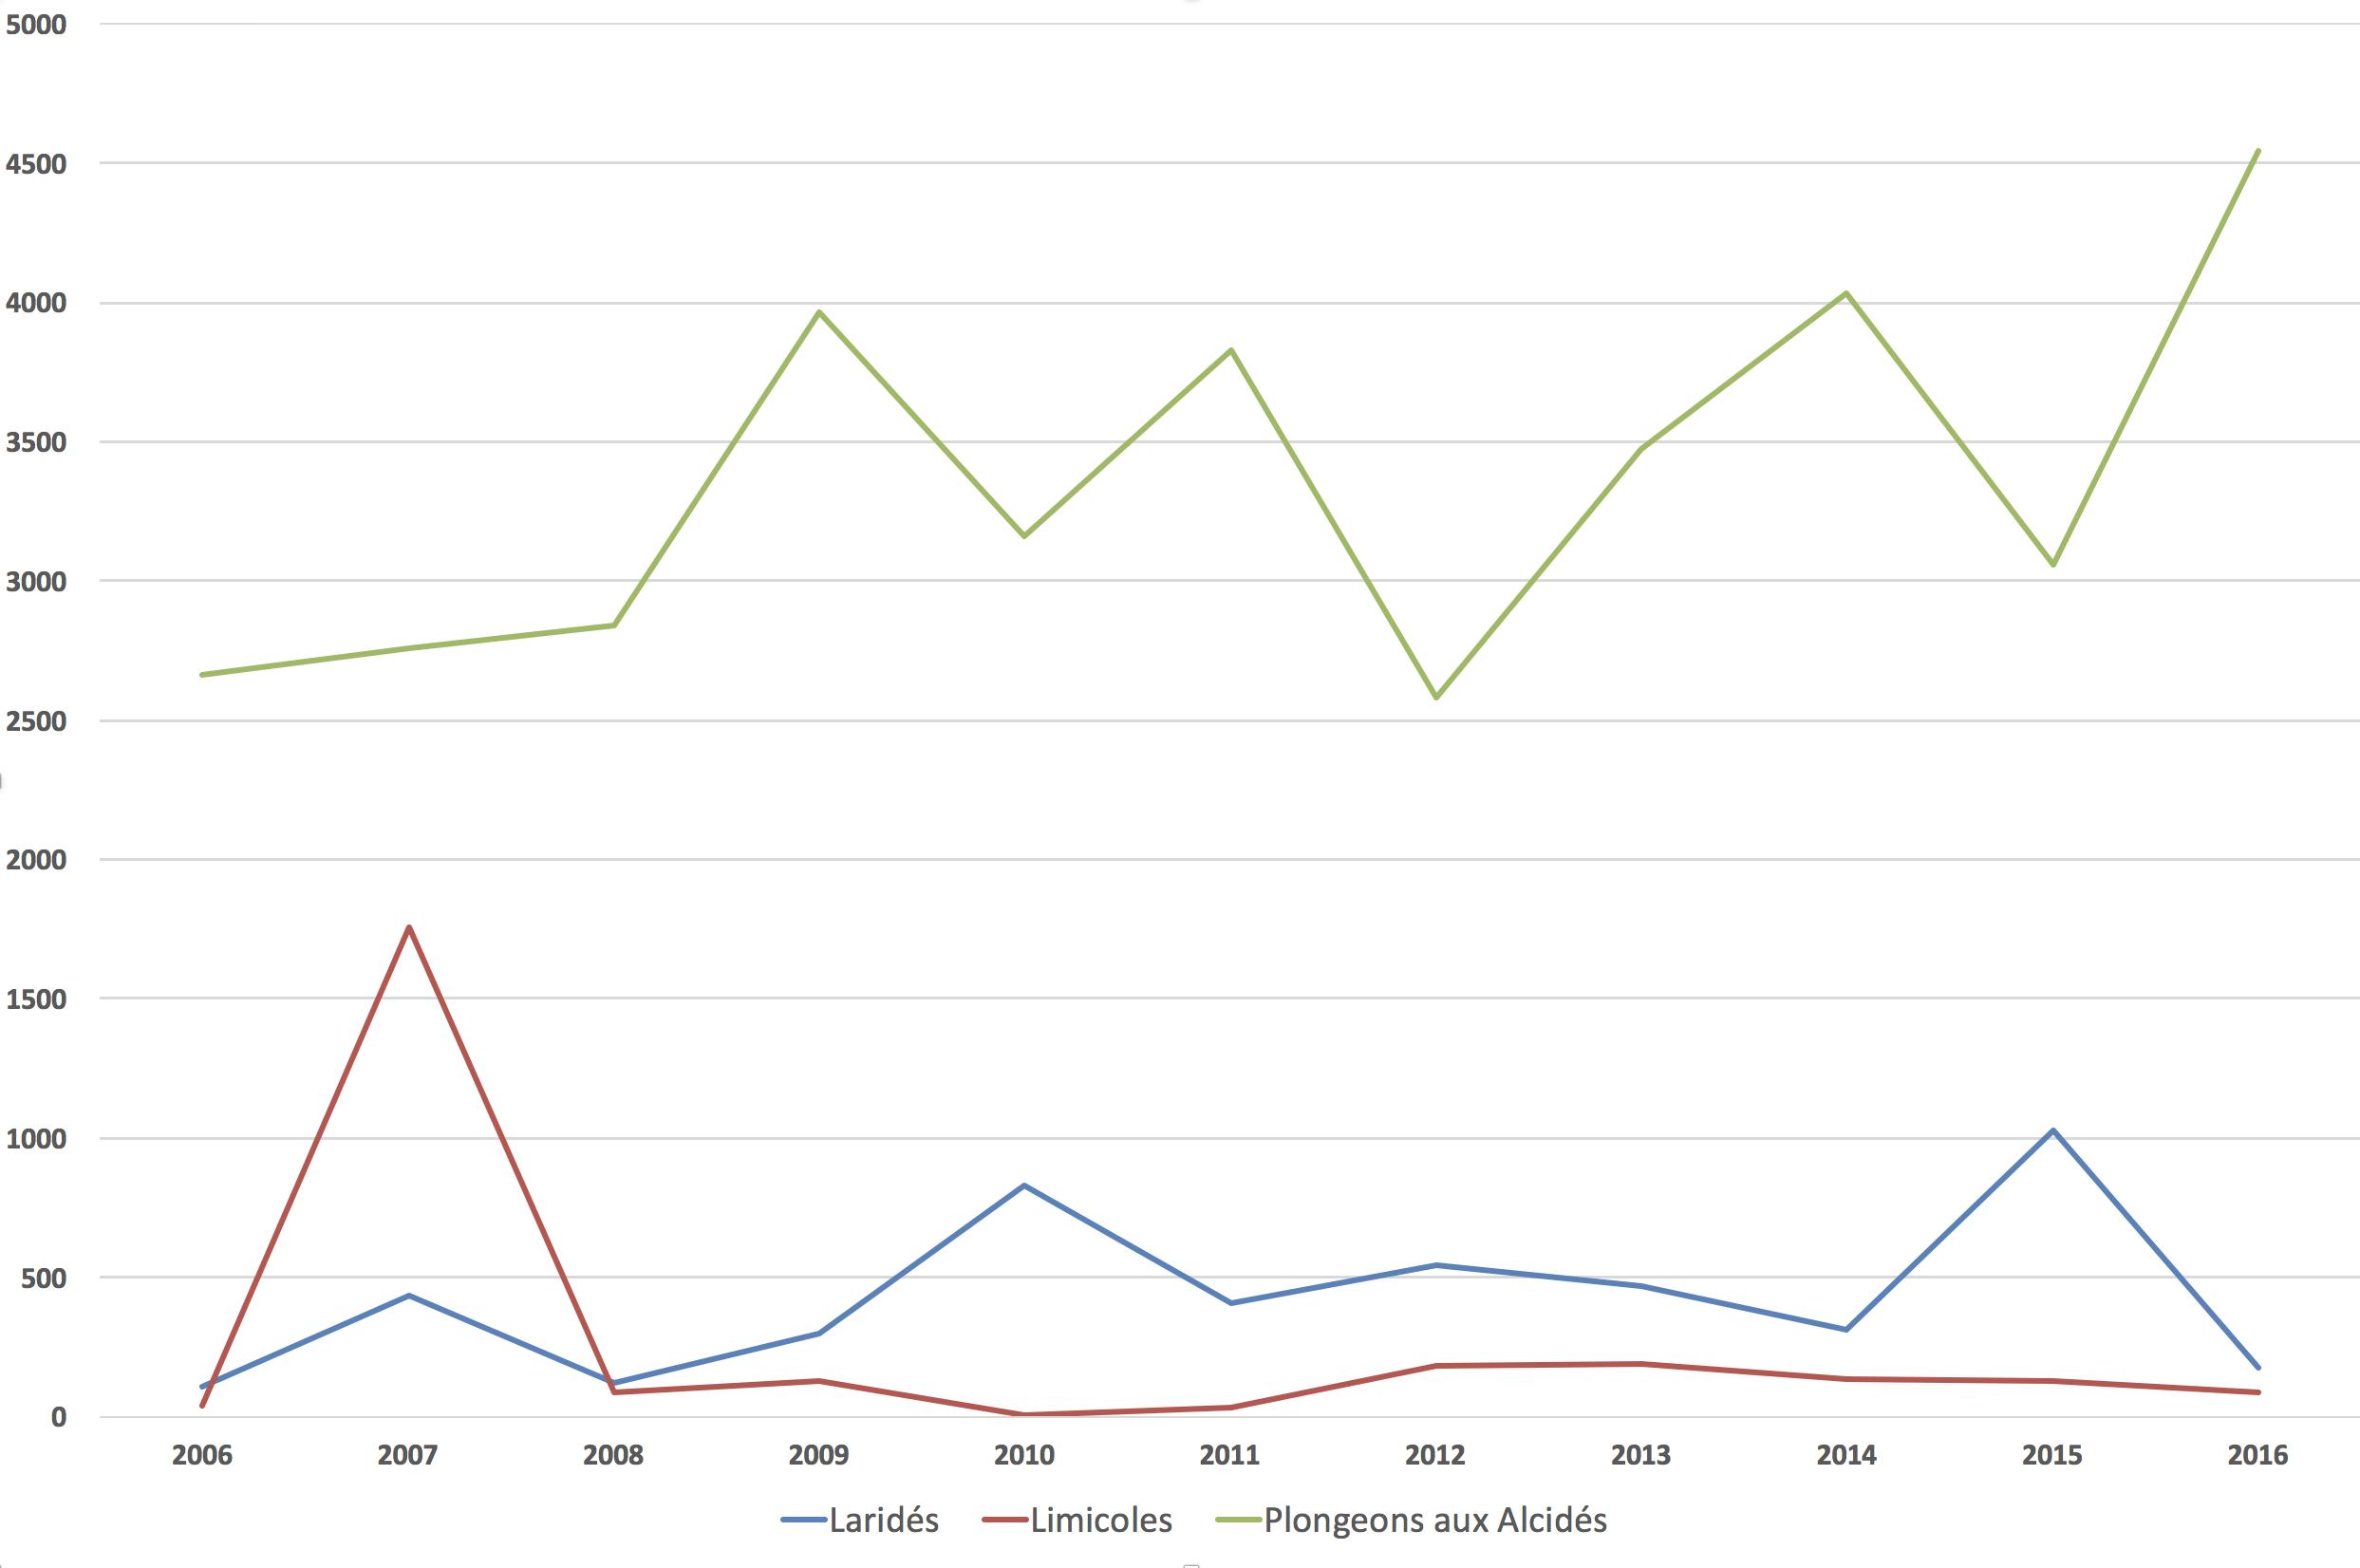 Évolution des effectifs des différents groupes entre 2006 et 2016